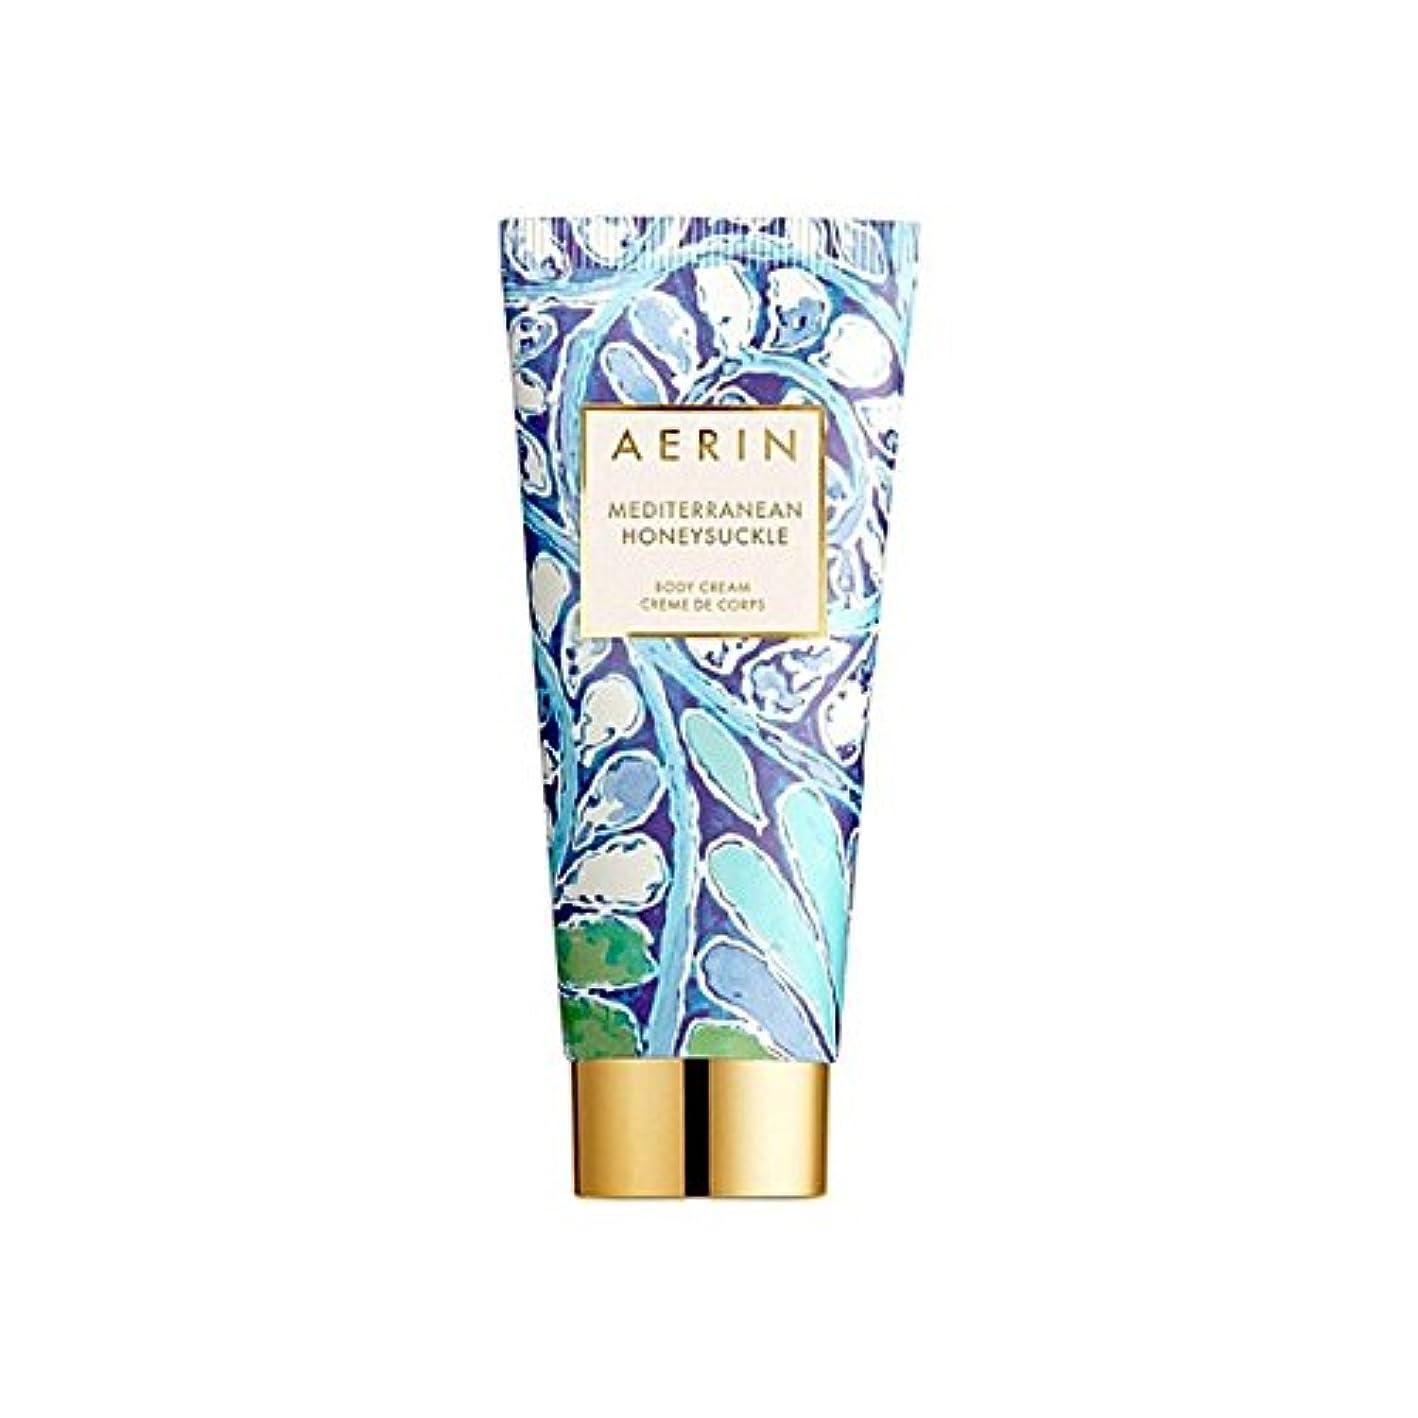 膜登る積分Aerin Mediterrenean Honeysuckle Body Cream 150ml - スイカズラボディクリーム150ミリリットル [並行輸入品]